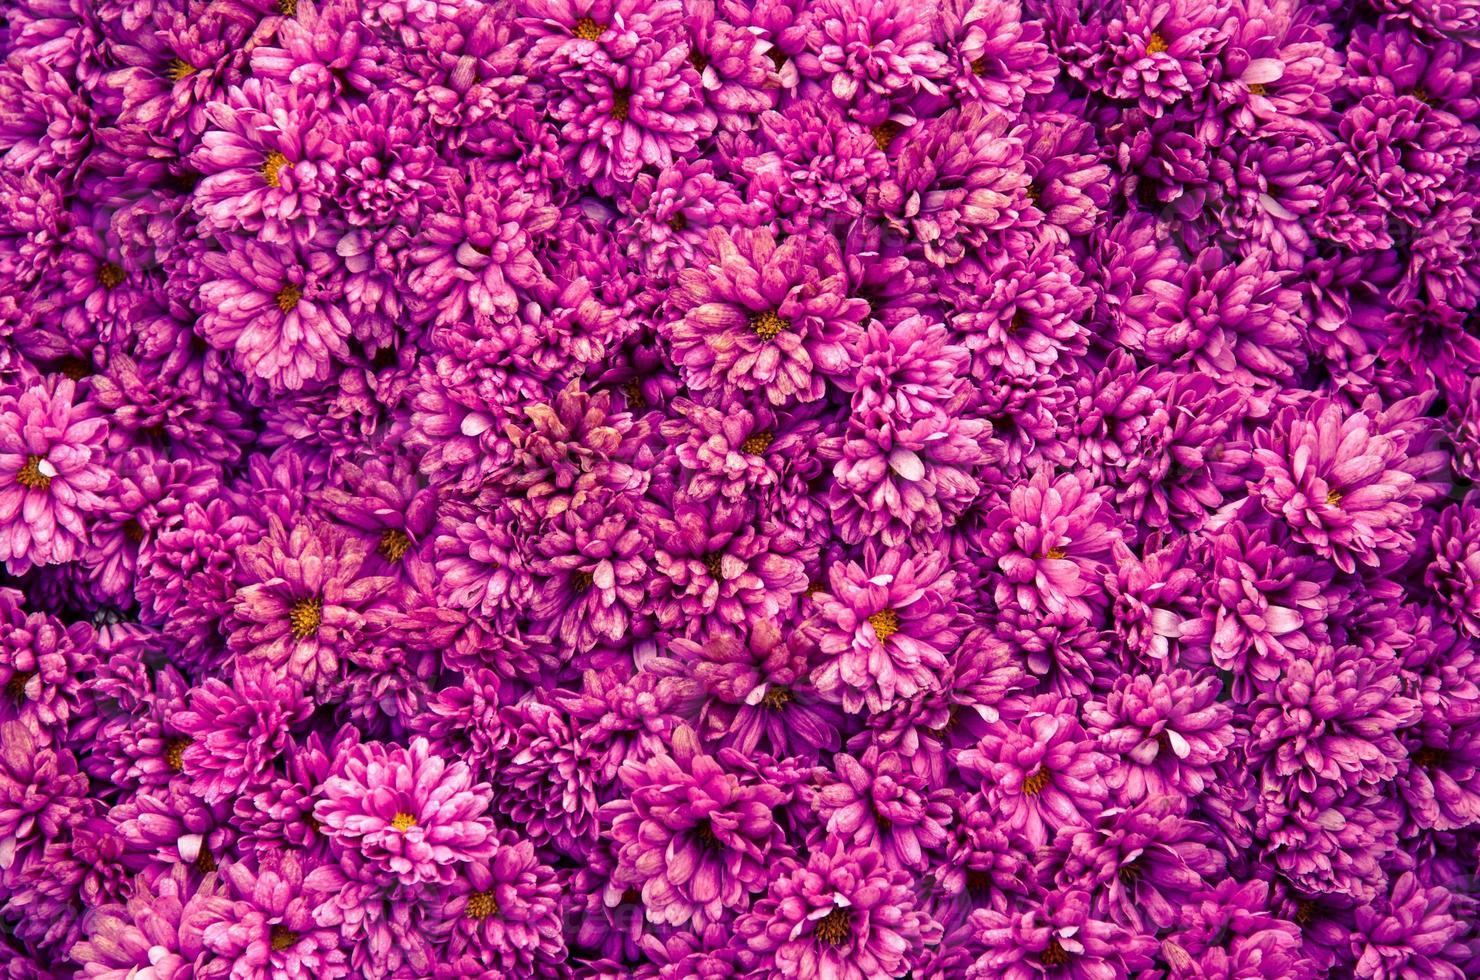 chrysanthemum background photo